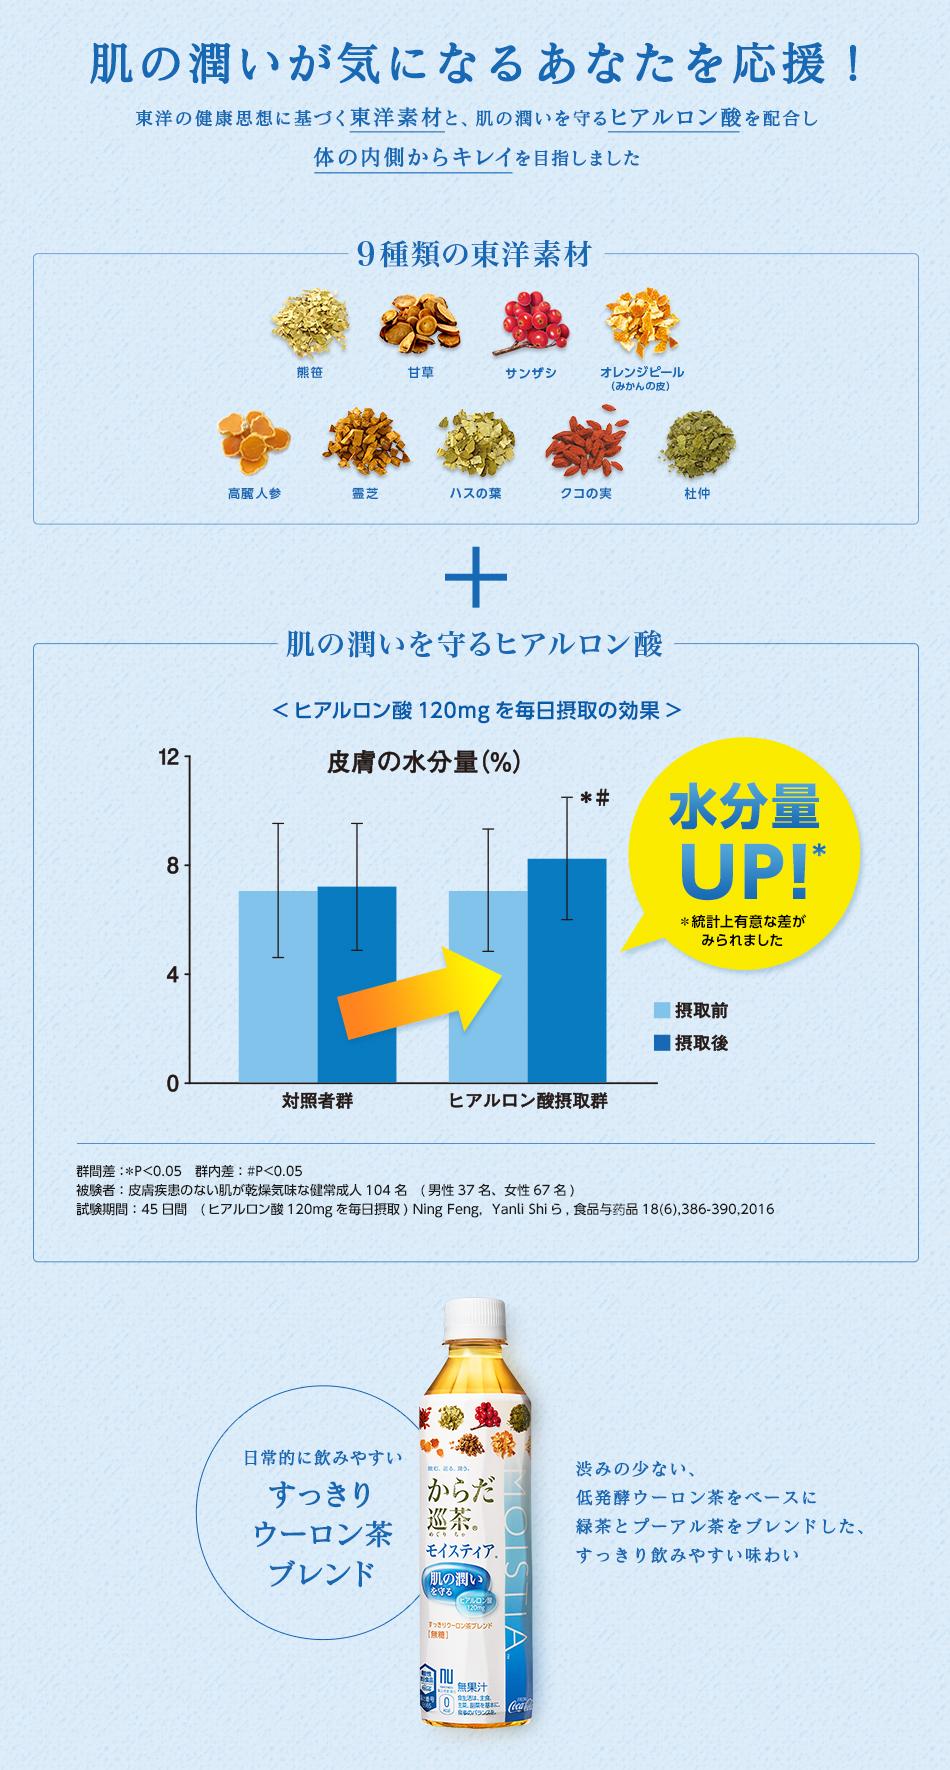 肌の潤いを守る。日本初のお茶。からだ巡茶モイスティア(410ml×24本)をご購入でPayPayボーナスライト10%相当プレゼント!